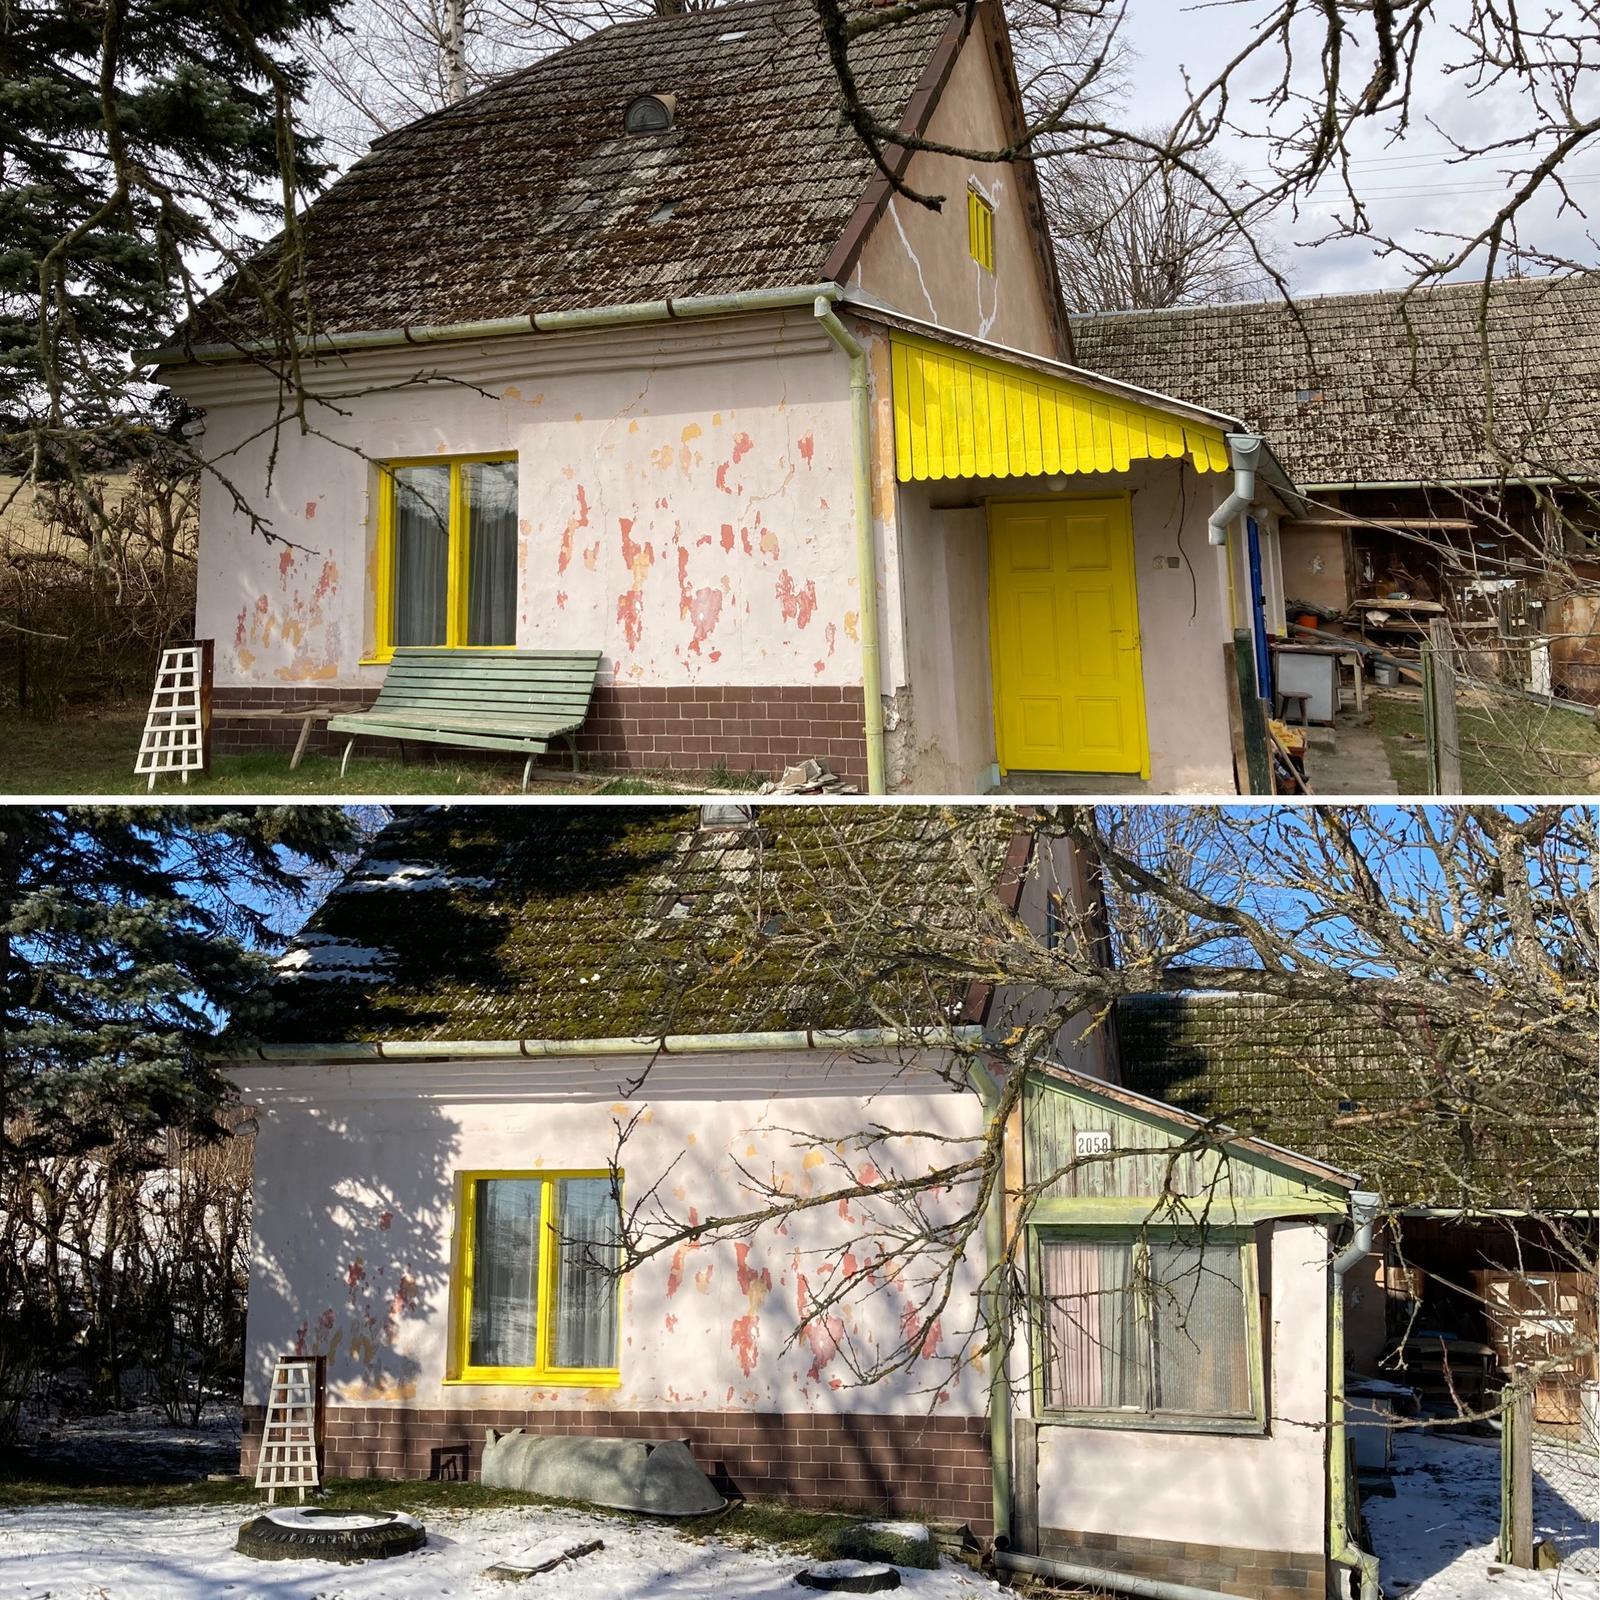 Dom - ... že nájdi rozdiel...